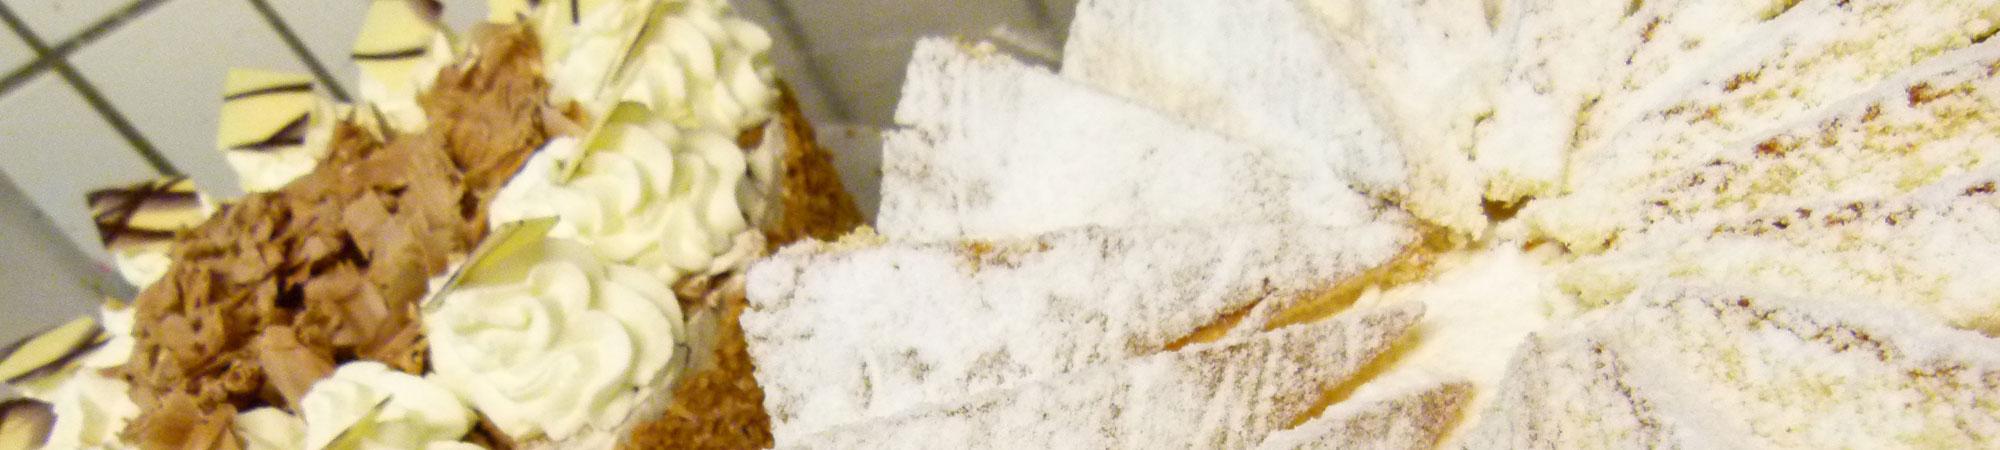 Bäckerei PfeifferBeck Süße Konditorei